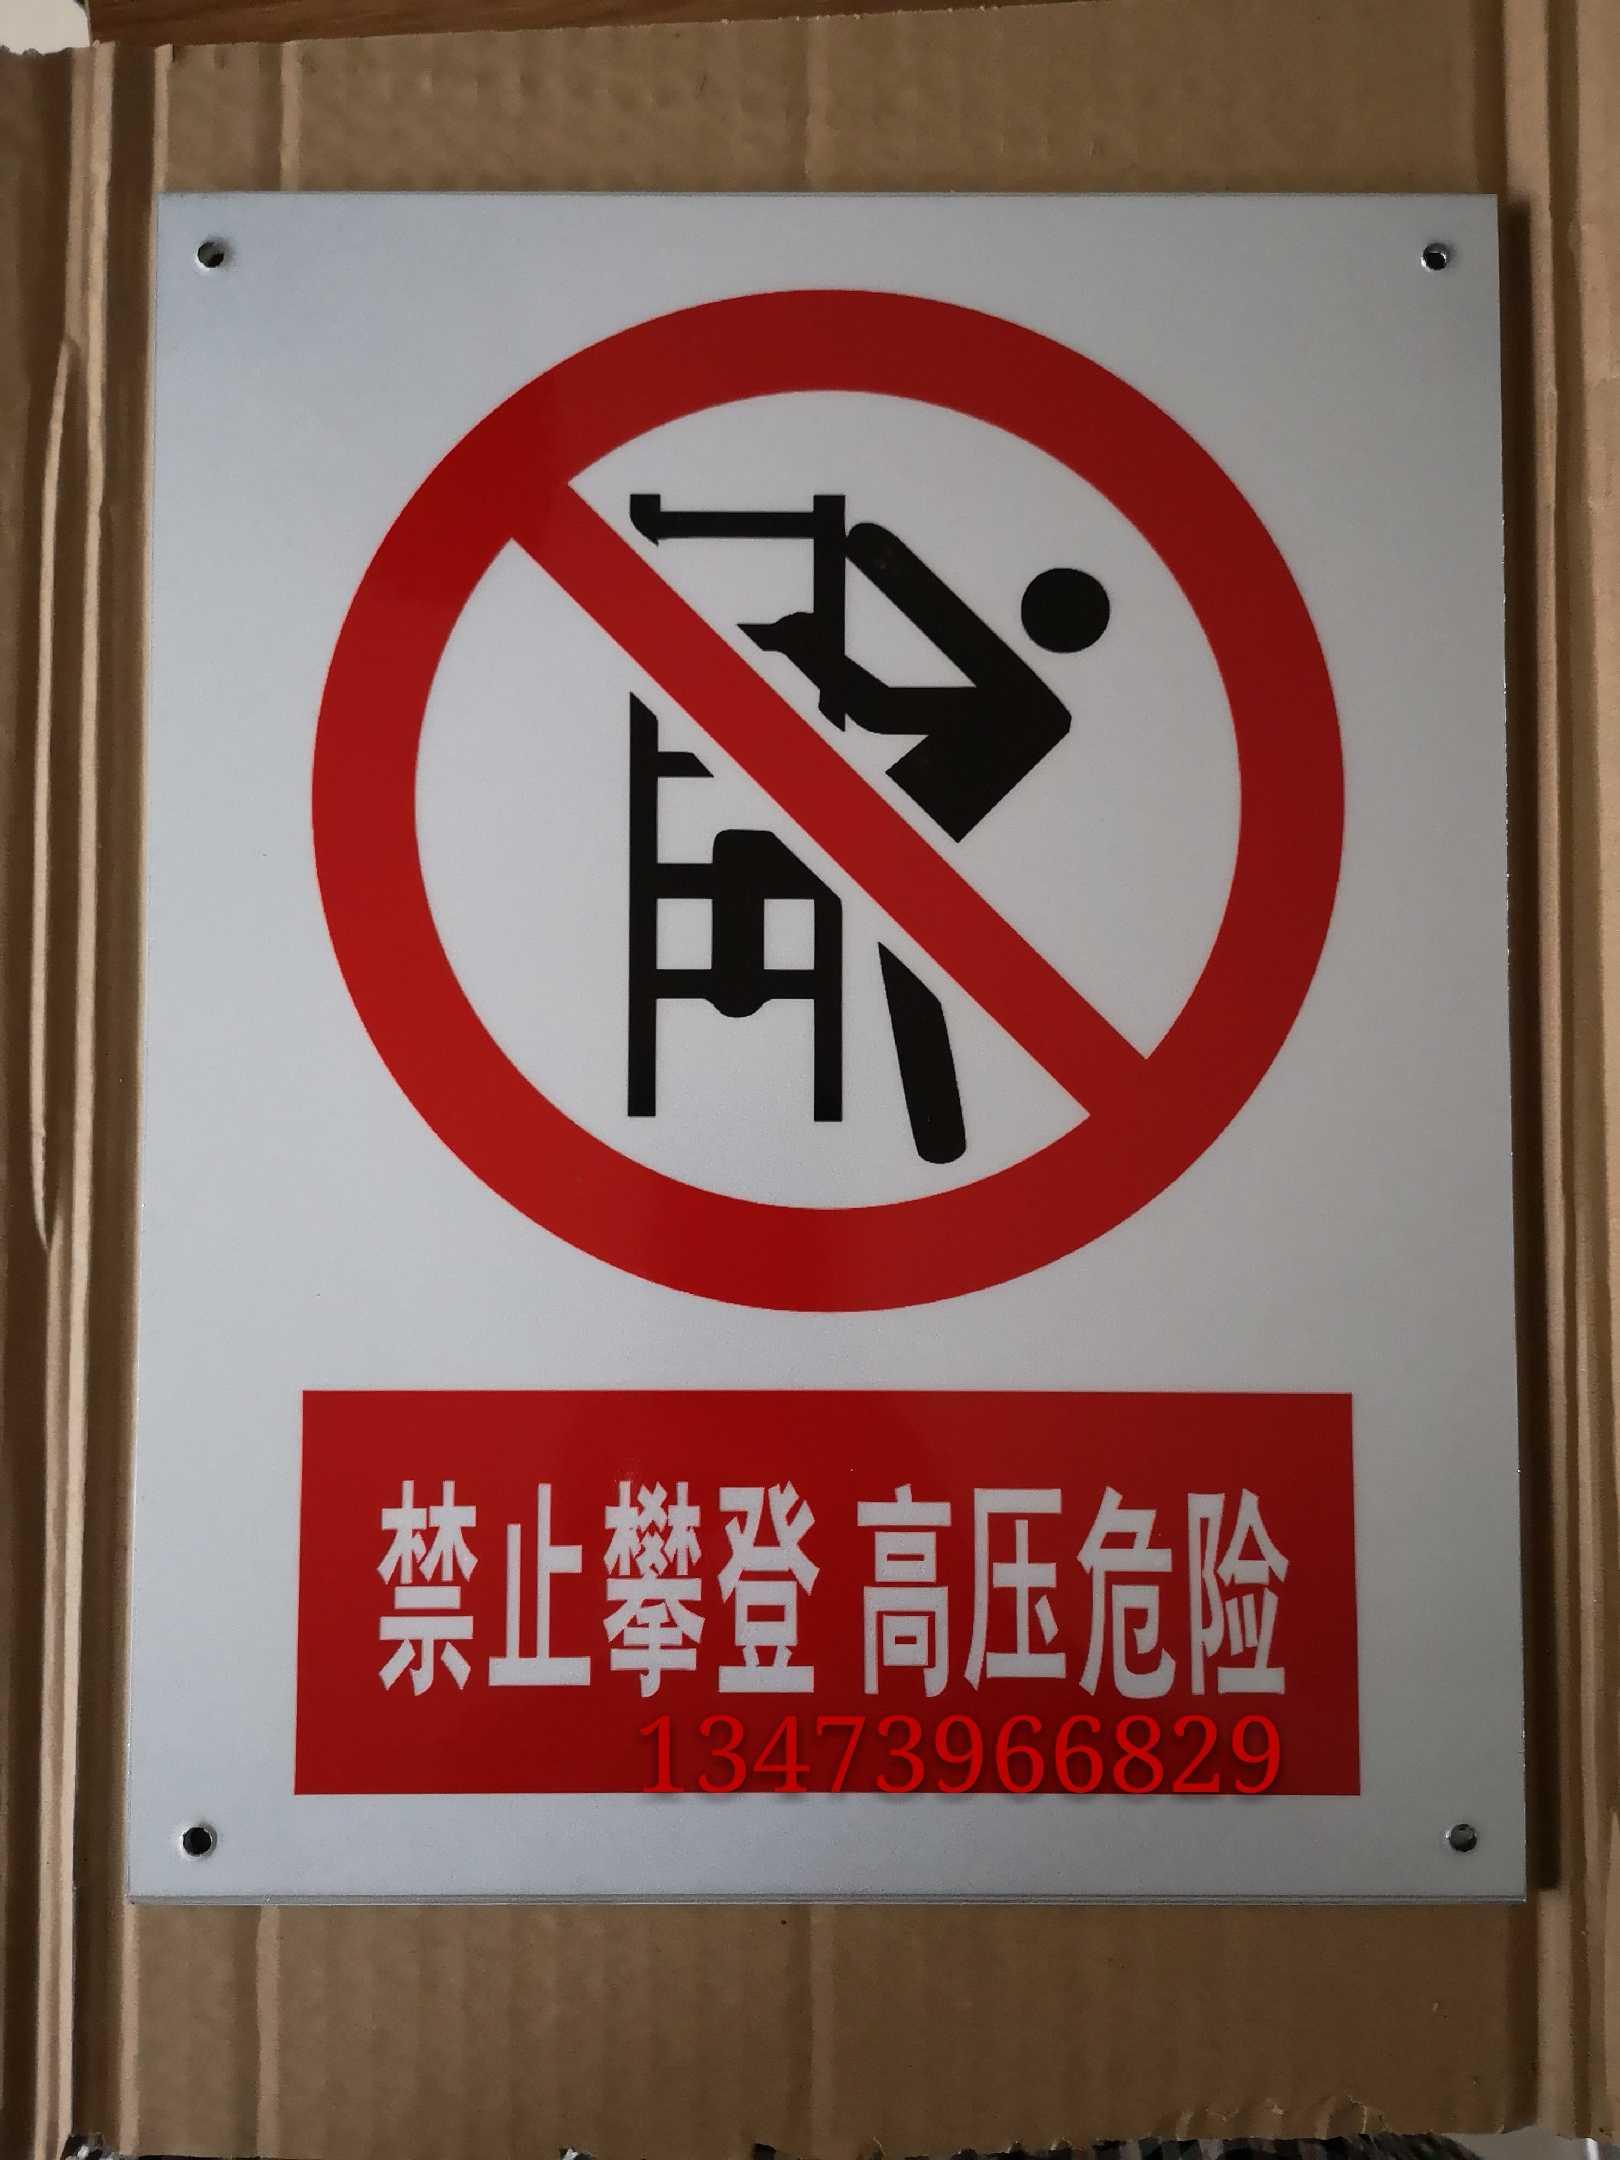 铝牌安健环反光标示牌禁止攀登高压危险禁止合闸有人工作禁止停留